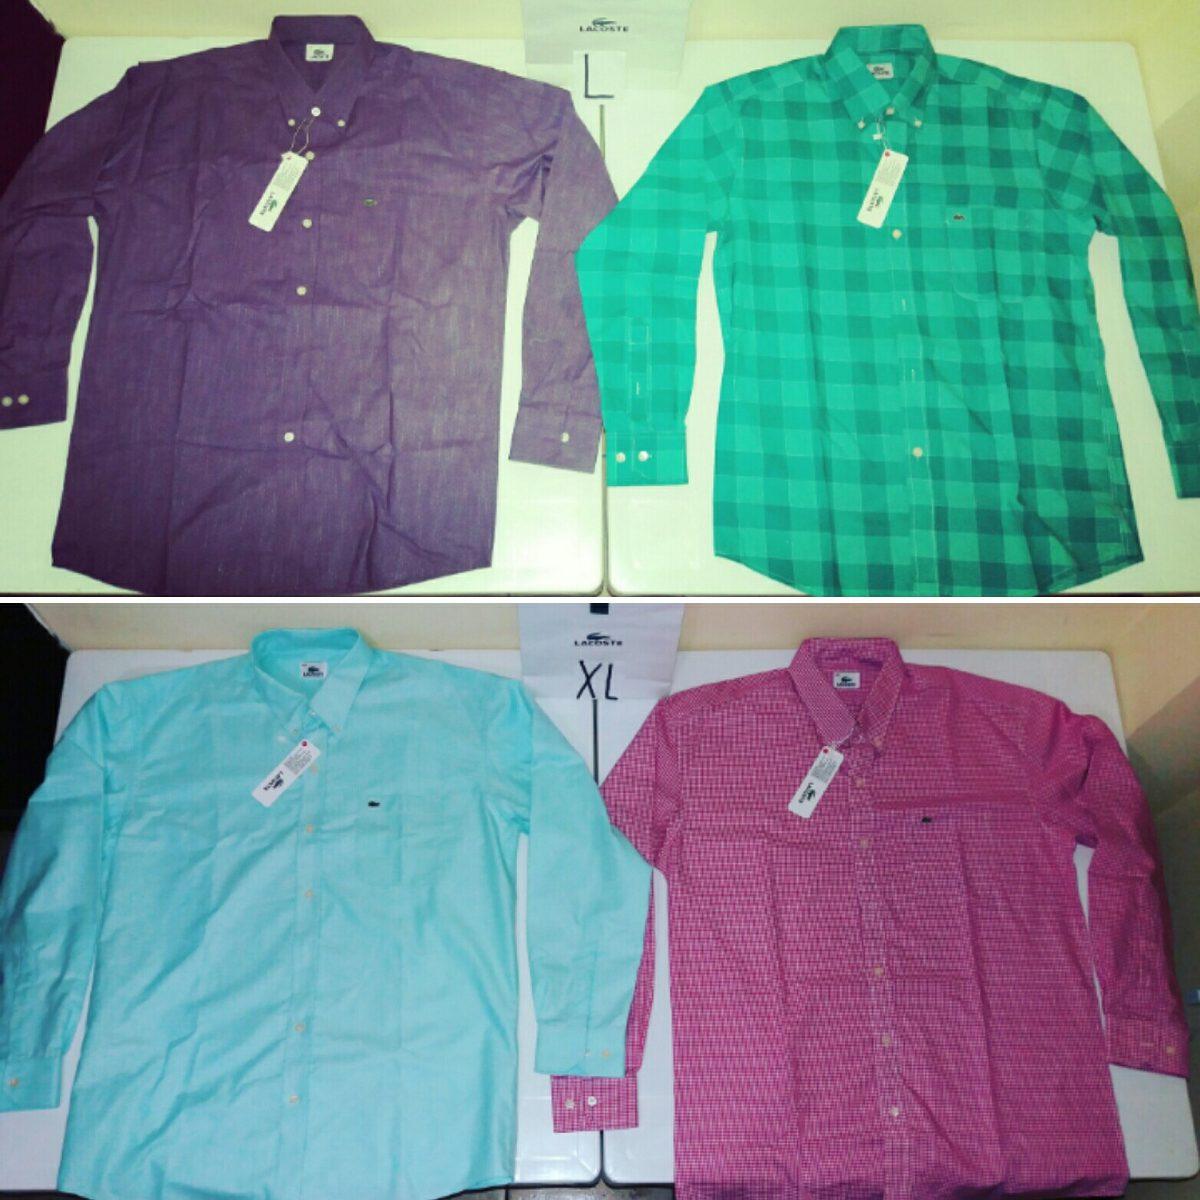 Camisas Largas Lacoste Modernas Originales Nuevas - U S 40,00 en ... 79cc38067e